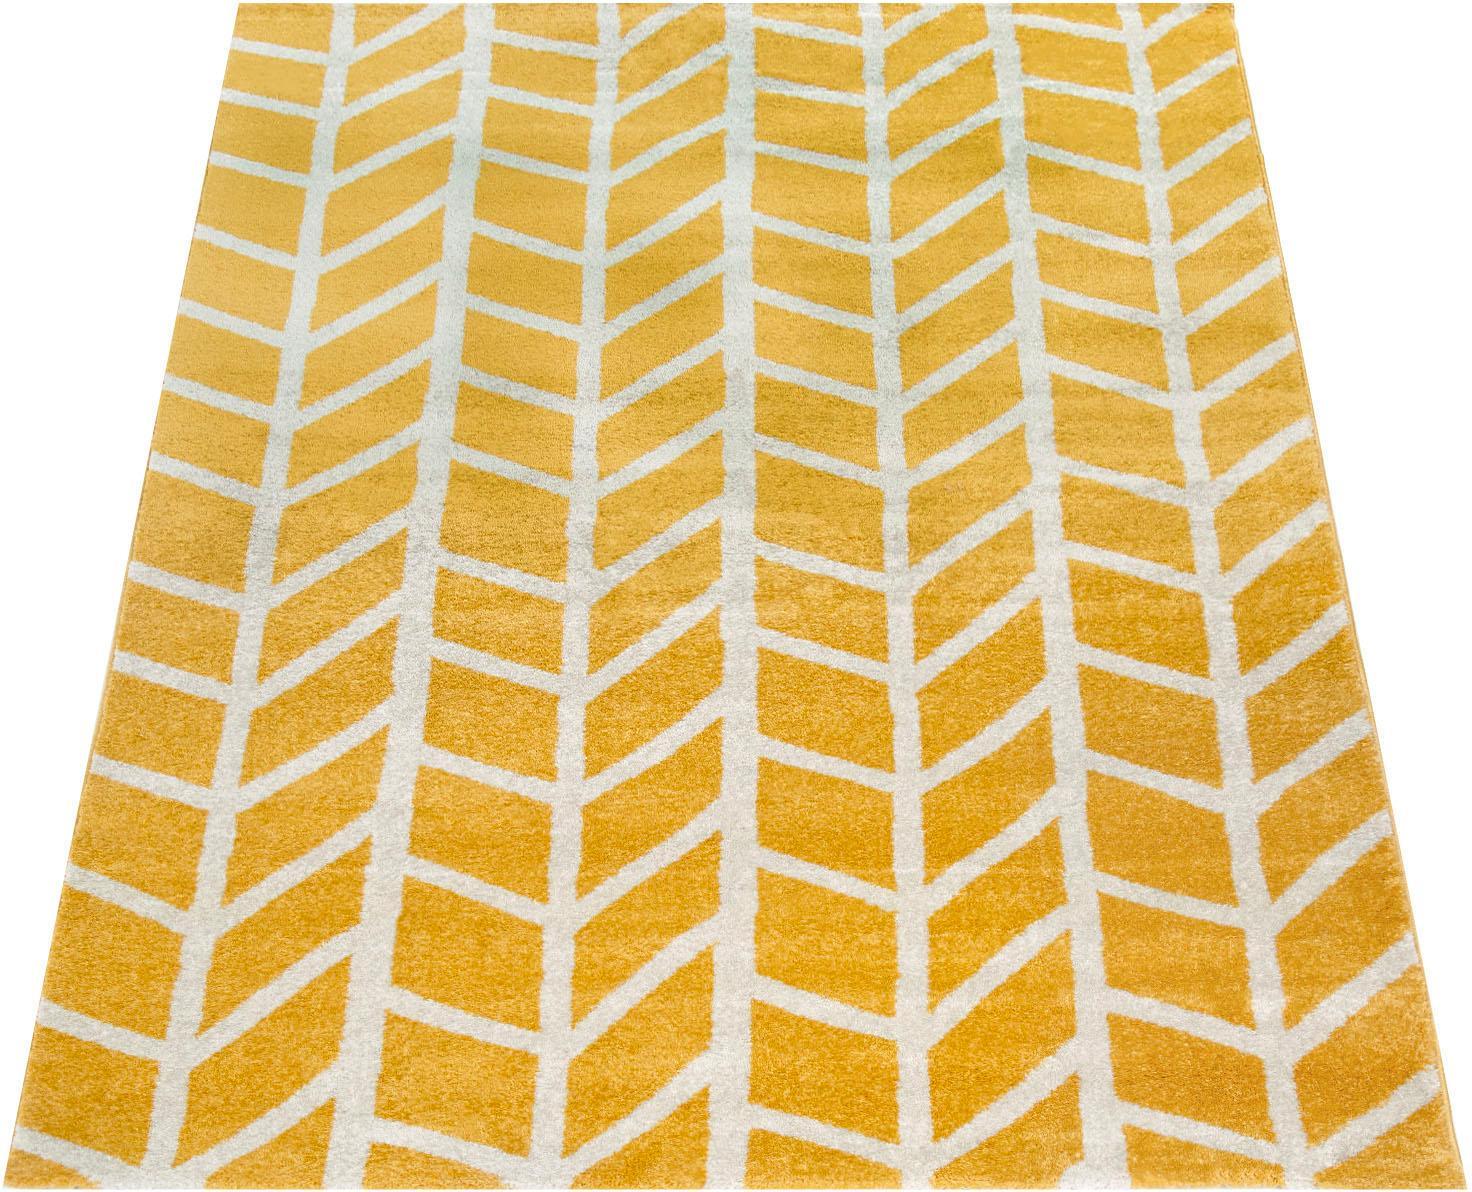 Teppich Pattern 120 Paco Home rechteckig Höhe 18 mm maschinell gewebt